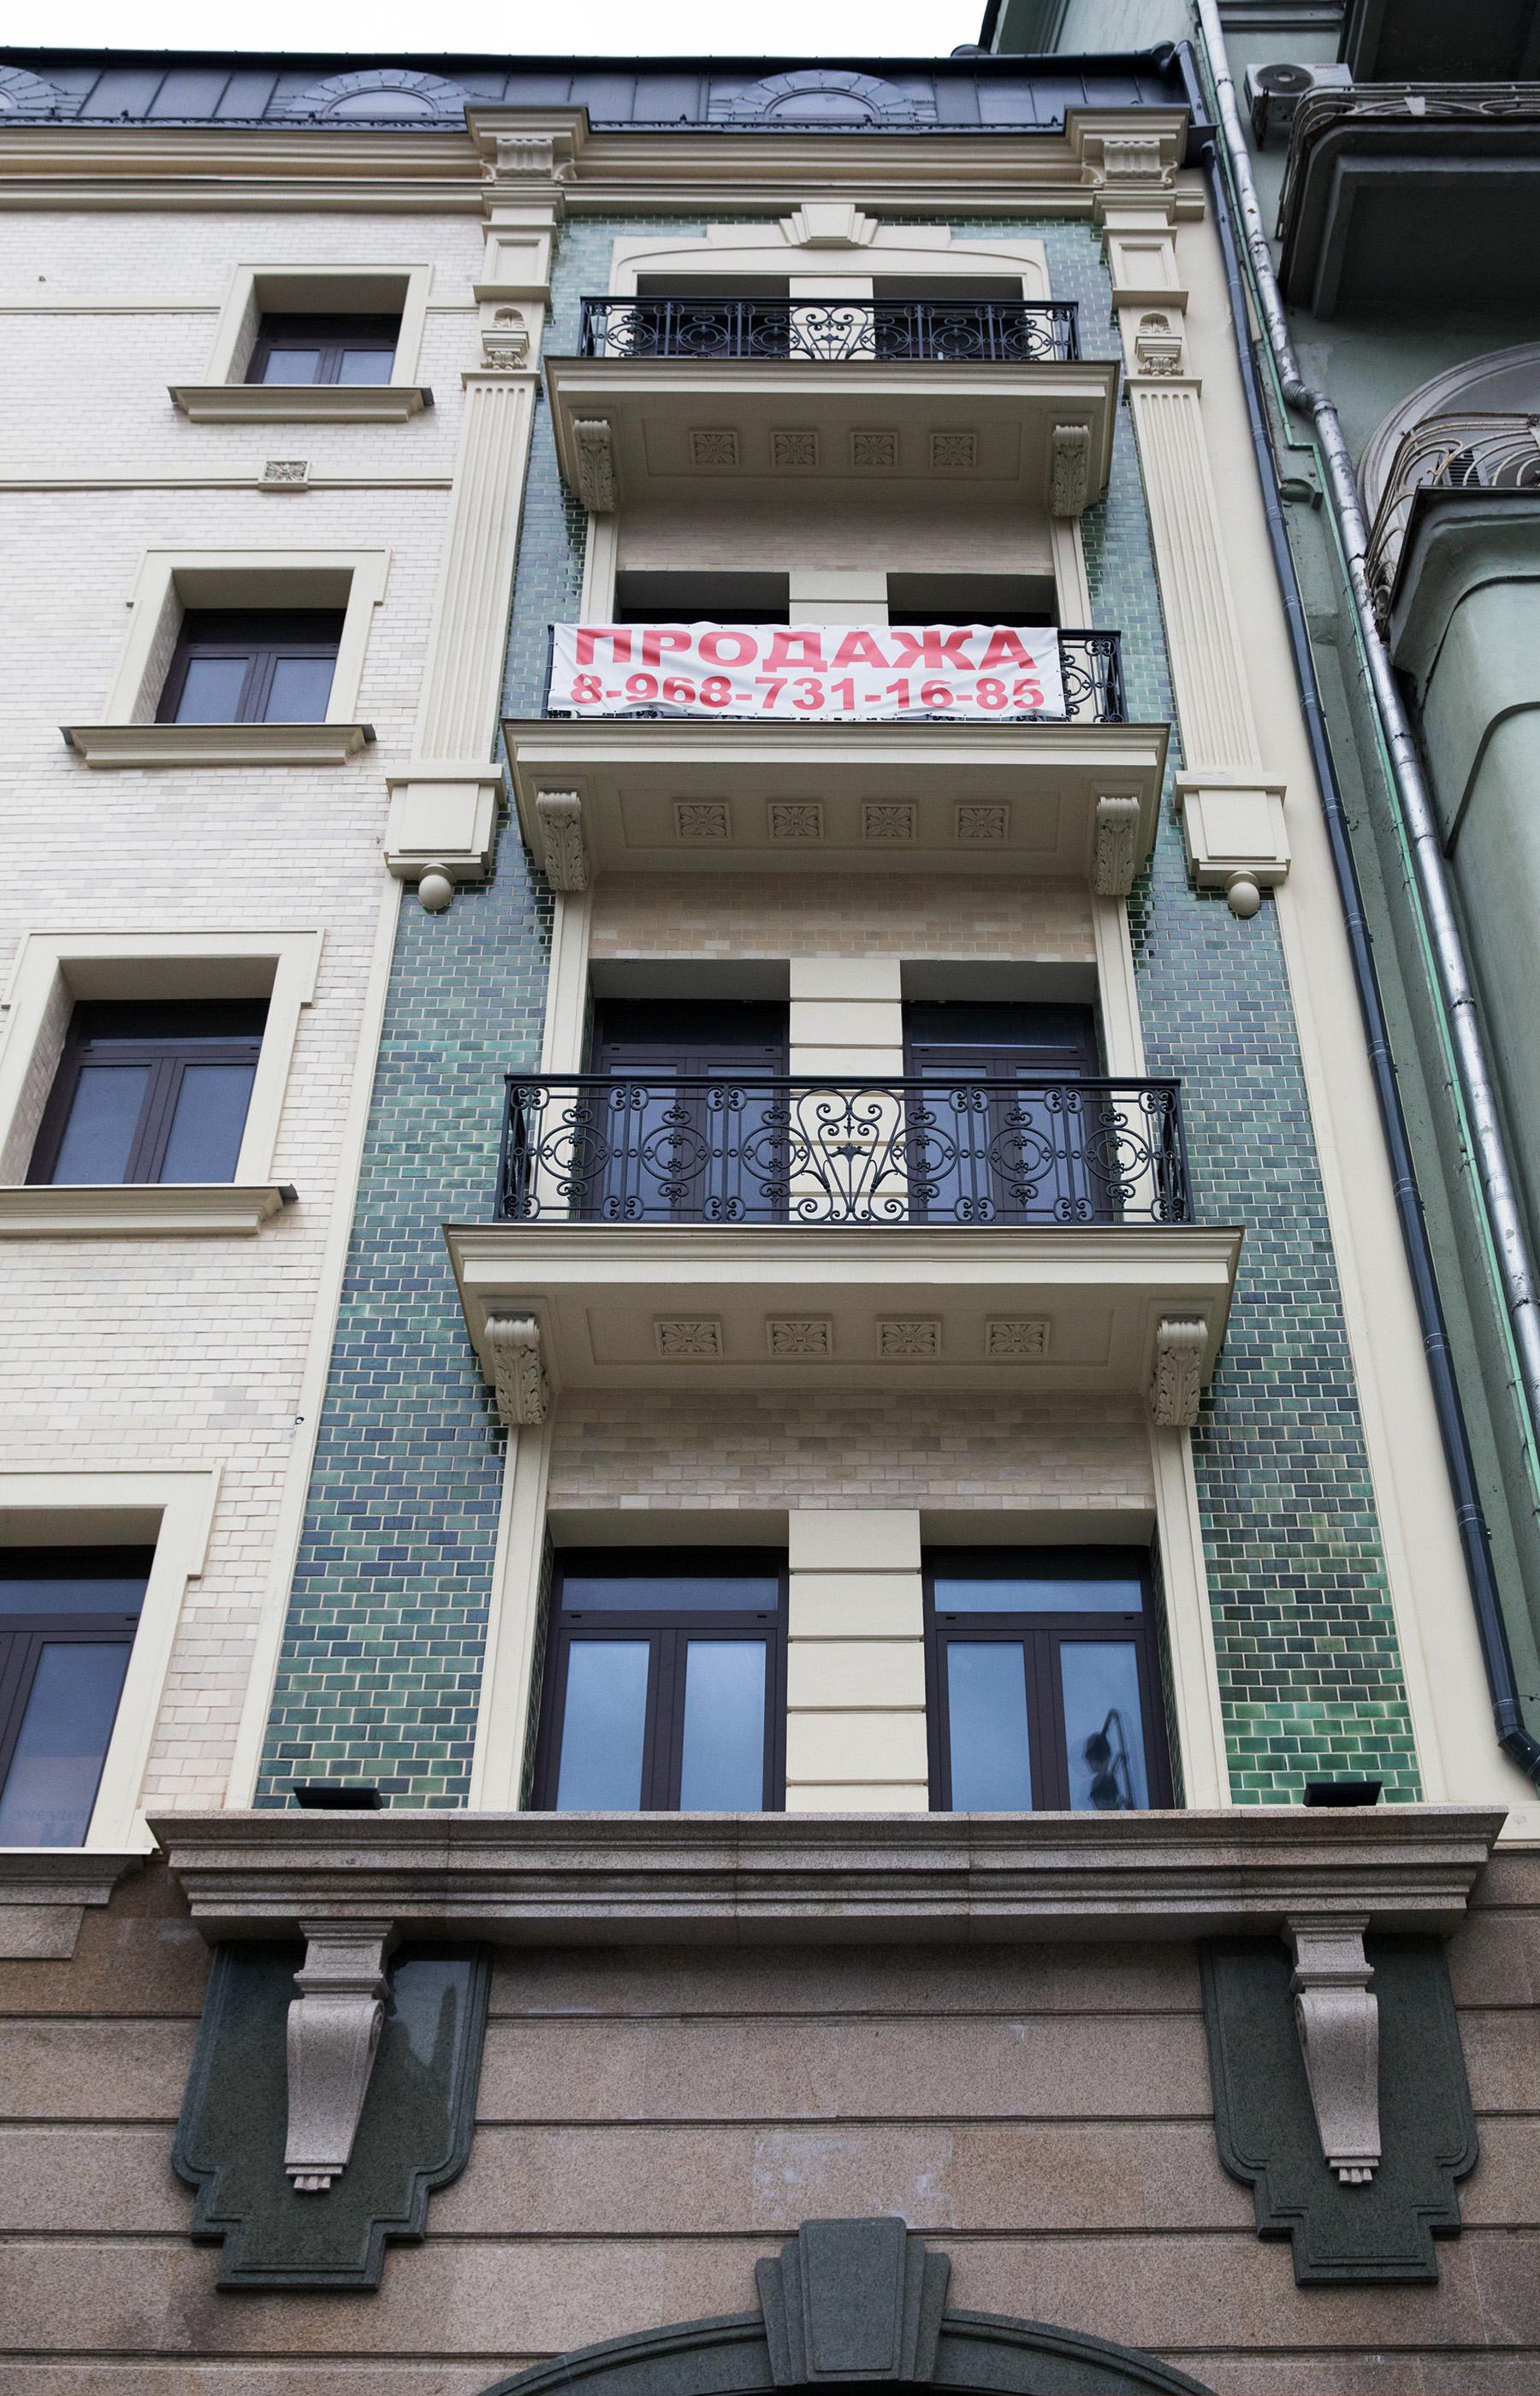 Архитектурный декор на фасаде здания по адресу Садово-Кудринская 25. Архитектор проекта Елена Афти. Мастерская выполнила весь облицовочный декор включая керамическую плитку кабанчик.